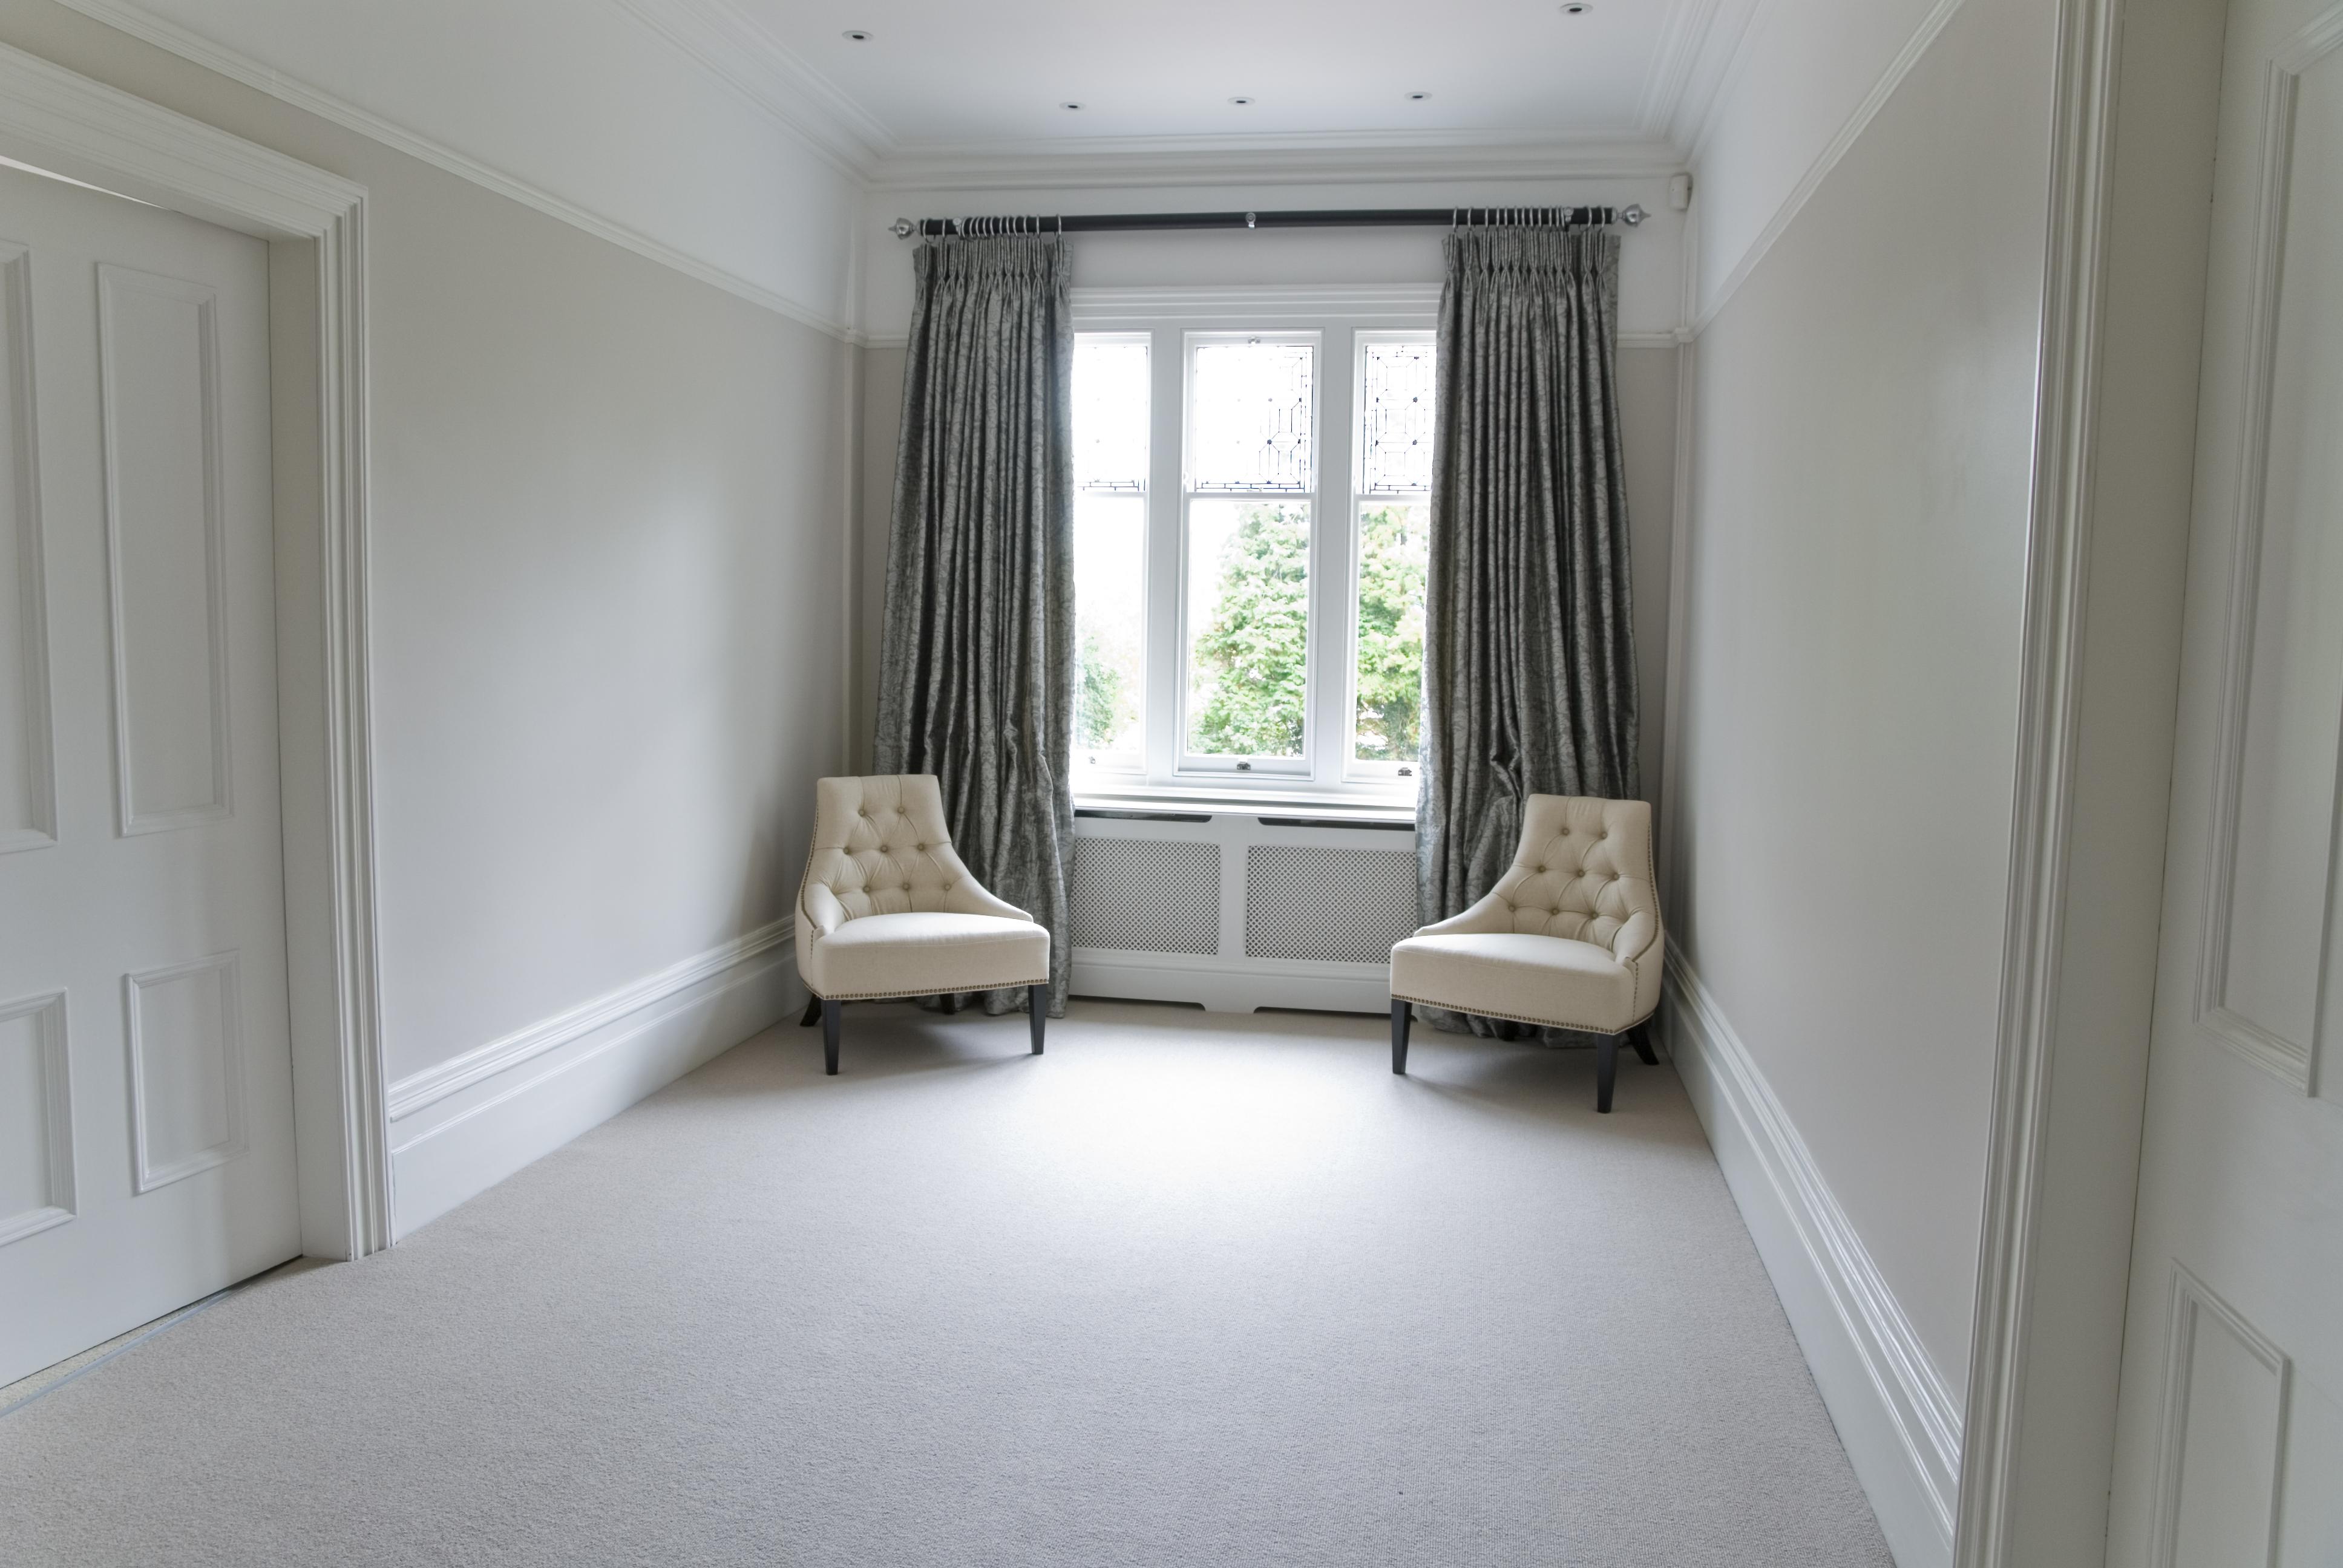 Modern edwardian interior design